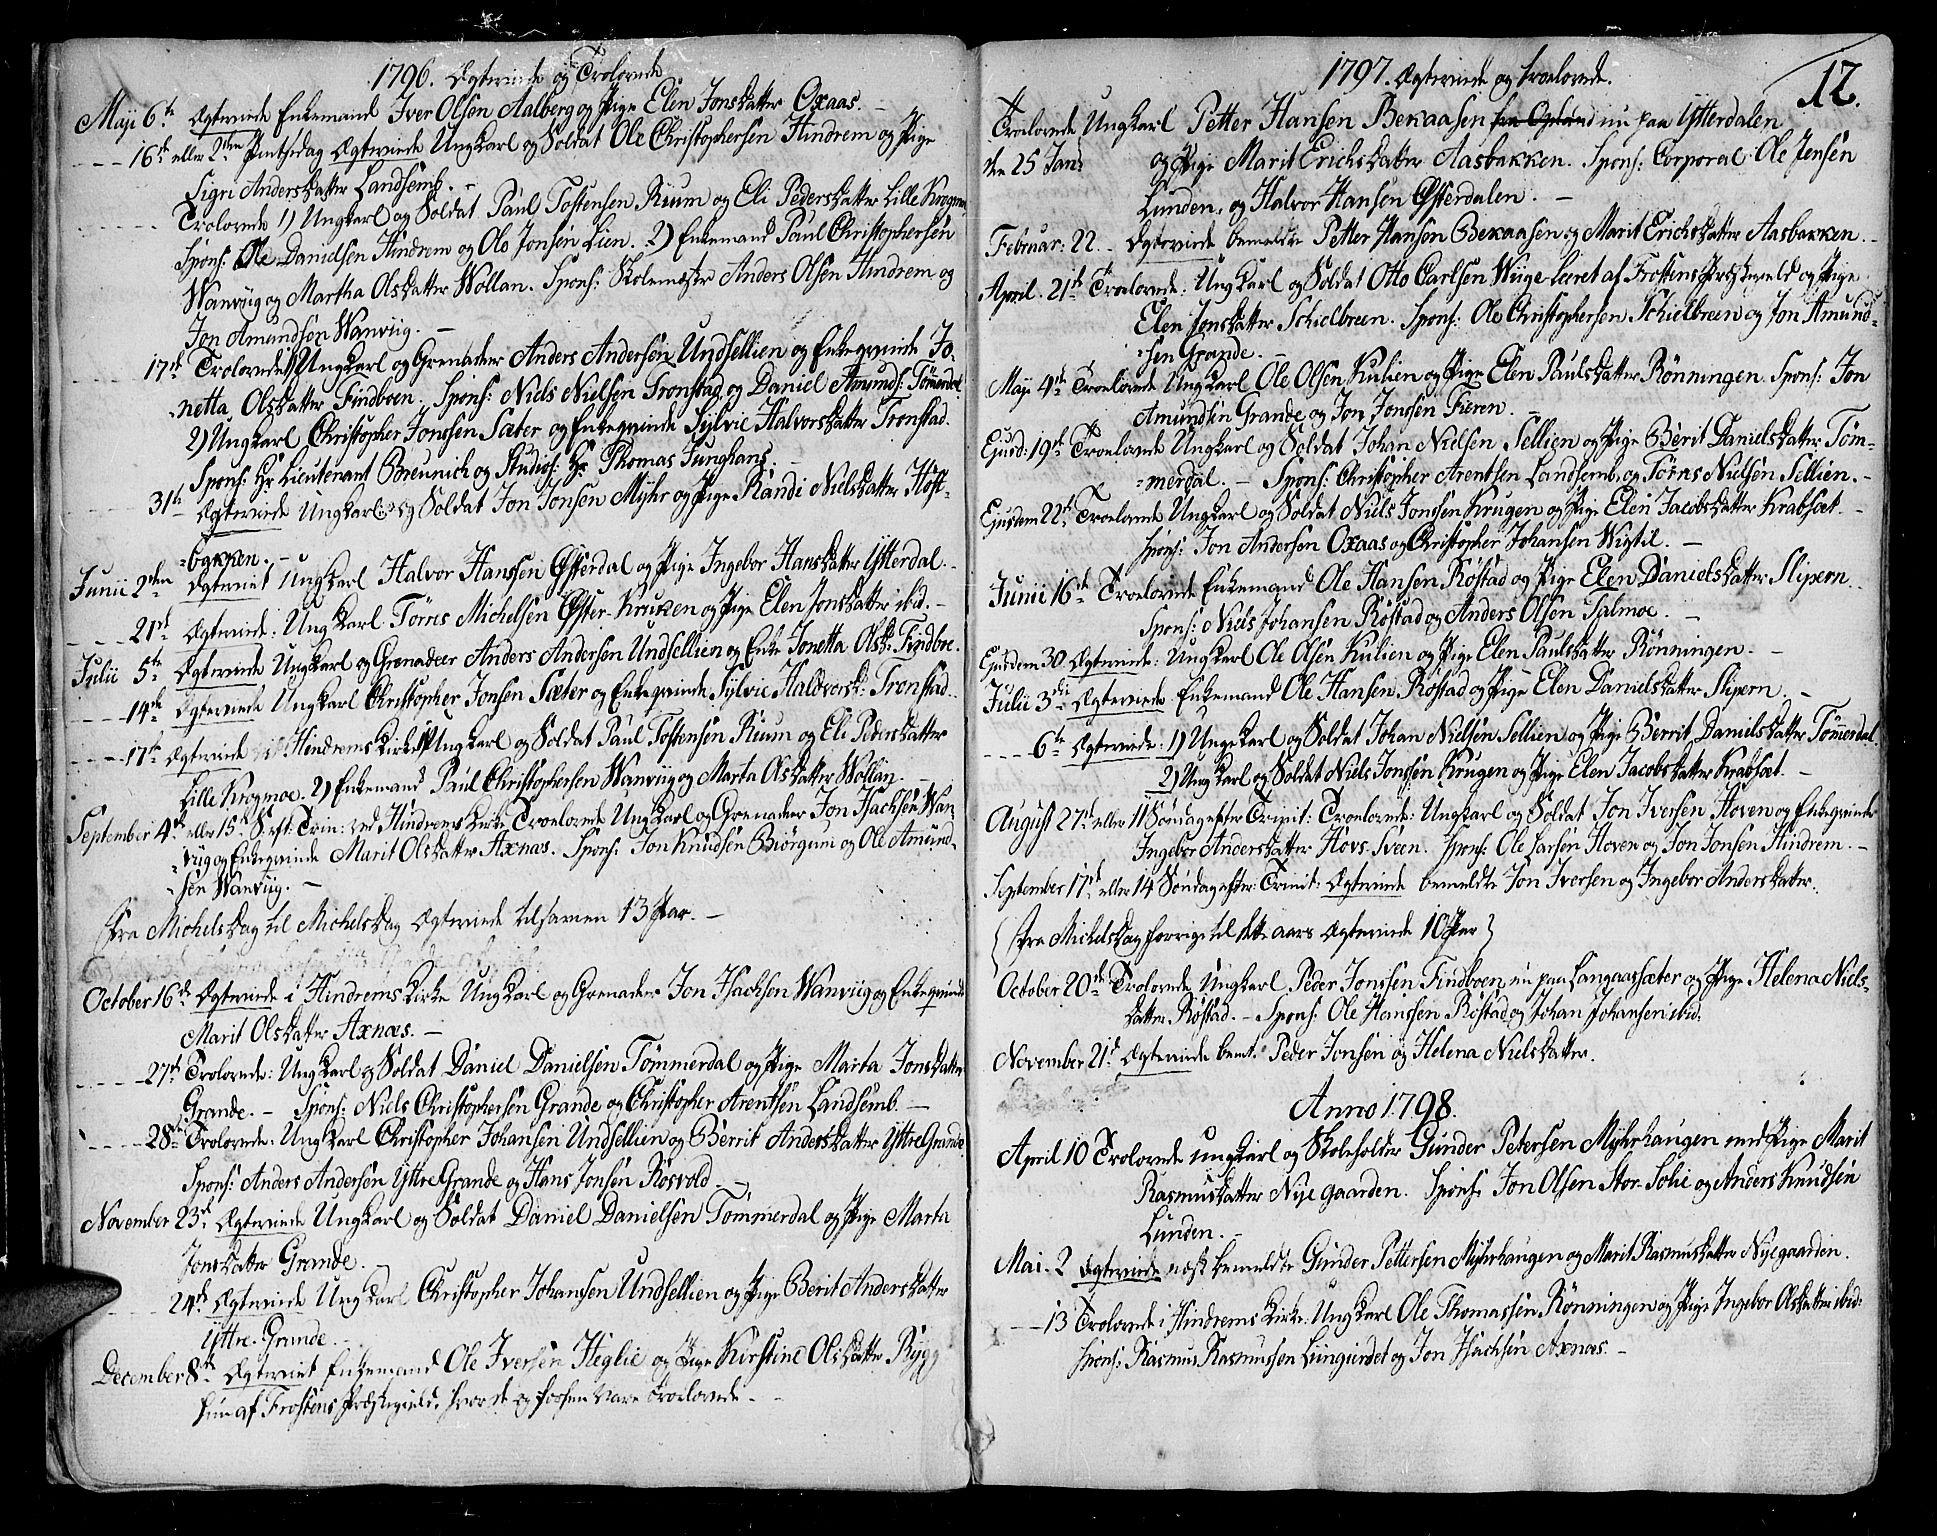 SAT, Ministerialprotokoller, klokkerbøker og fødselsregistre - Nord-Trøndelag, 701/L0004: Ministerialbok nr. 701A04, 1783-1816, s. 12